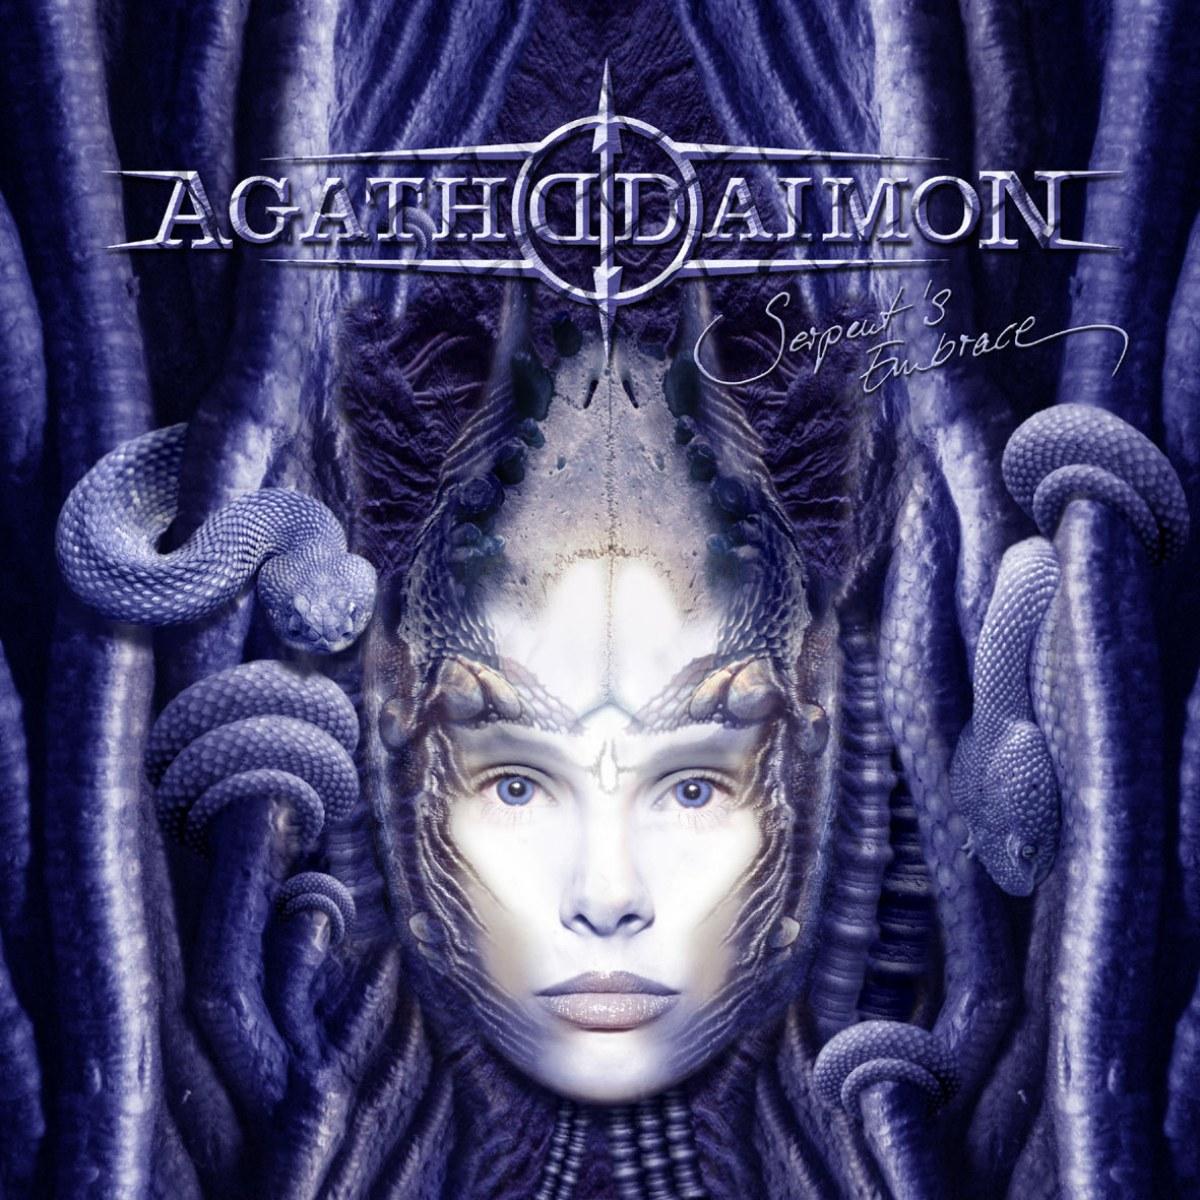 Reviews for Agathodaimon - Serpent's Embrace